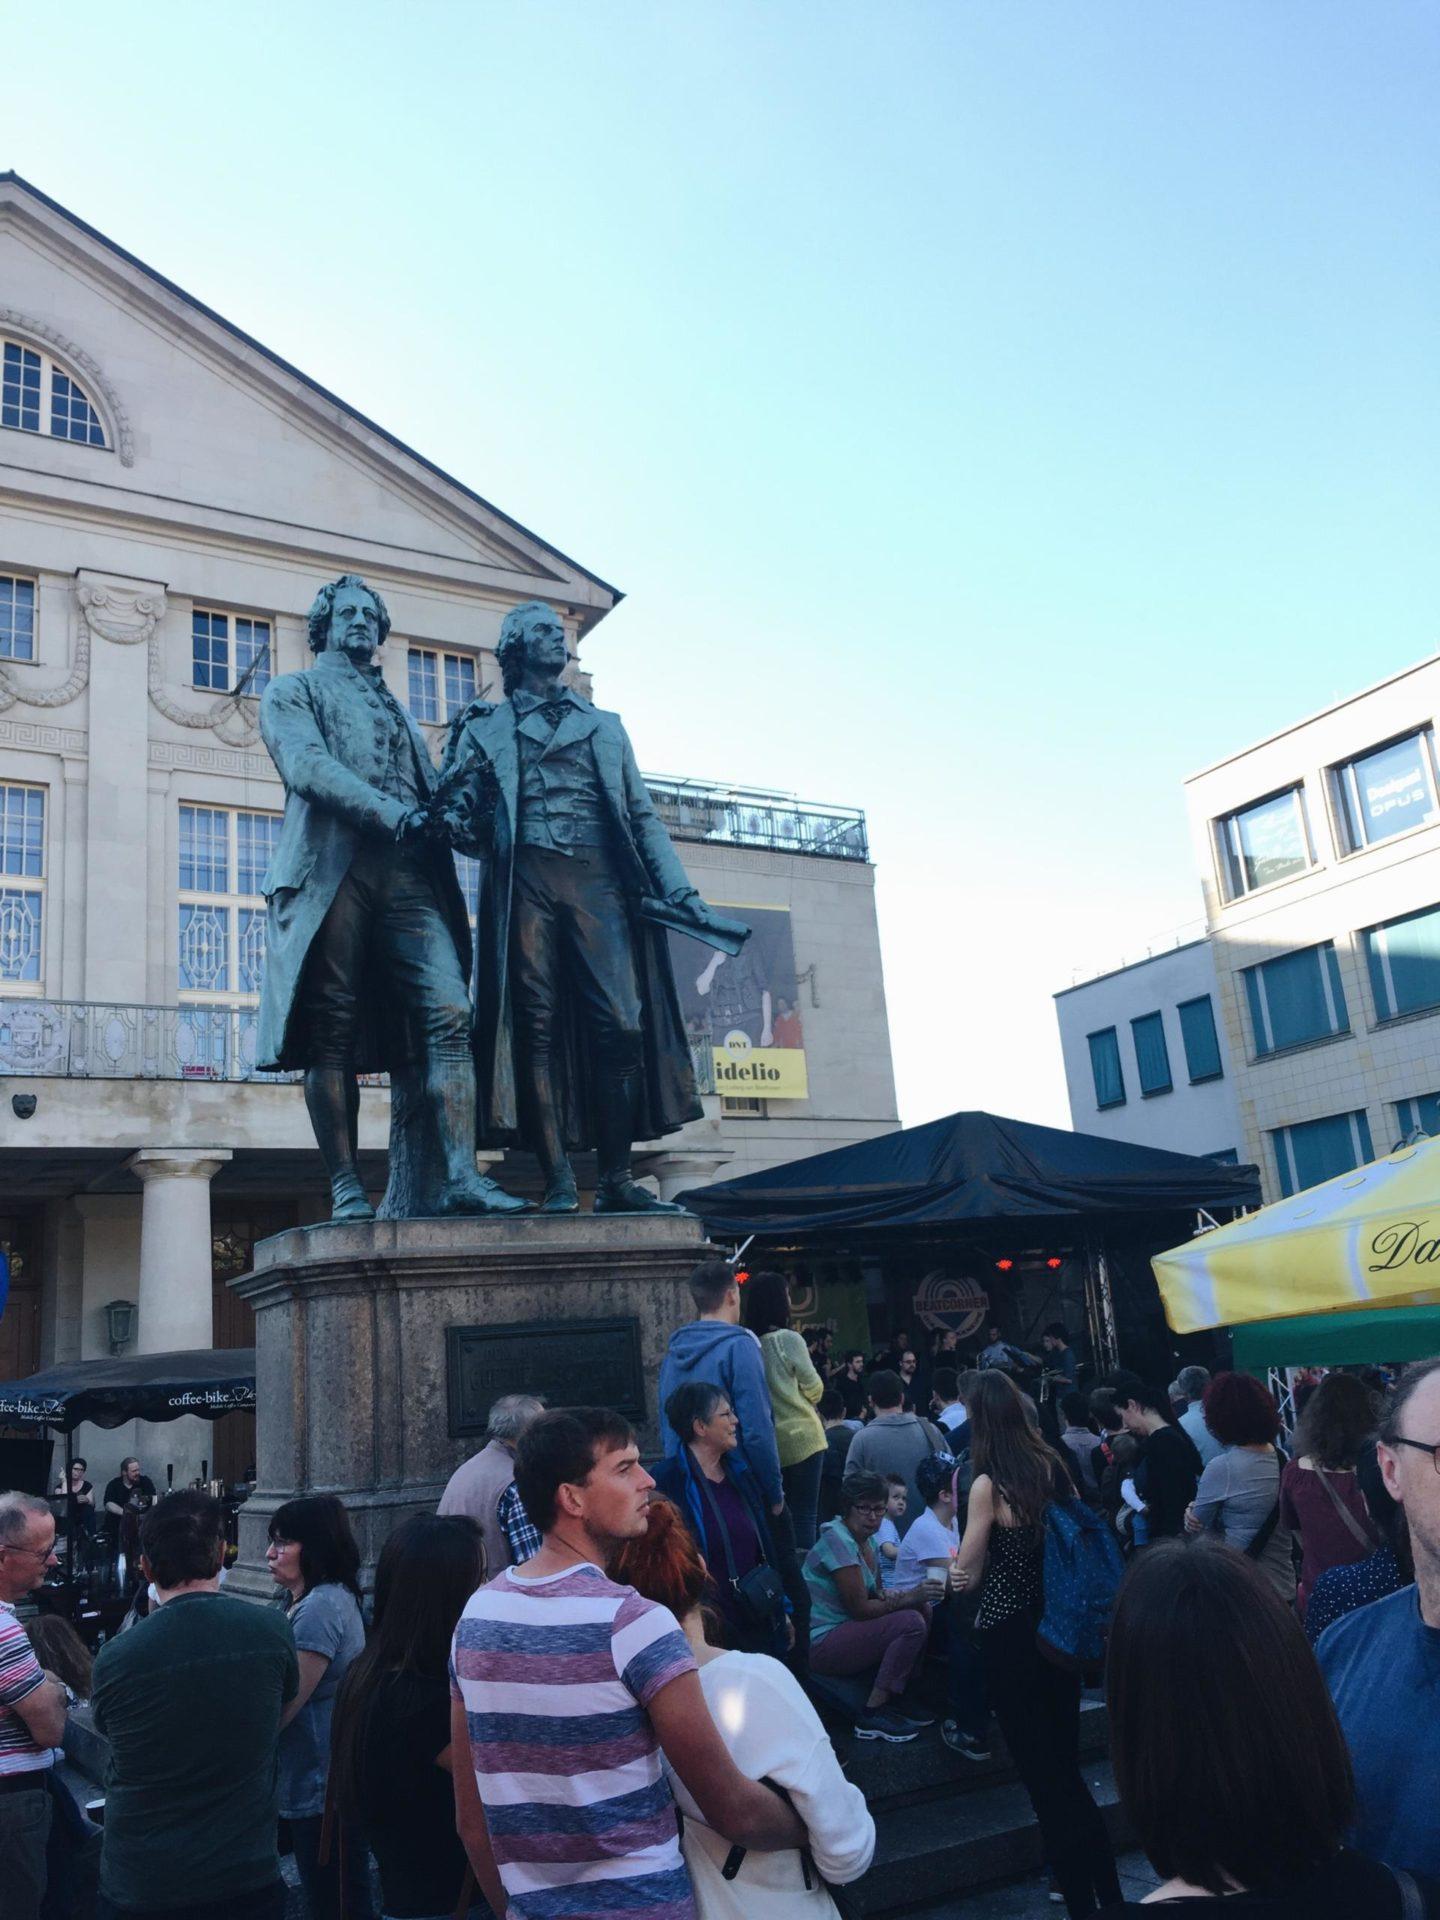 Wochenrückblick KW 41 – Zwiebelmarkt in Weimar & Vorkurse